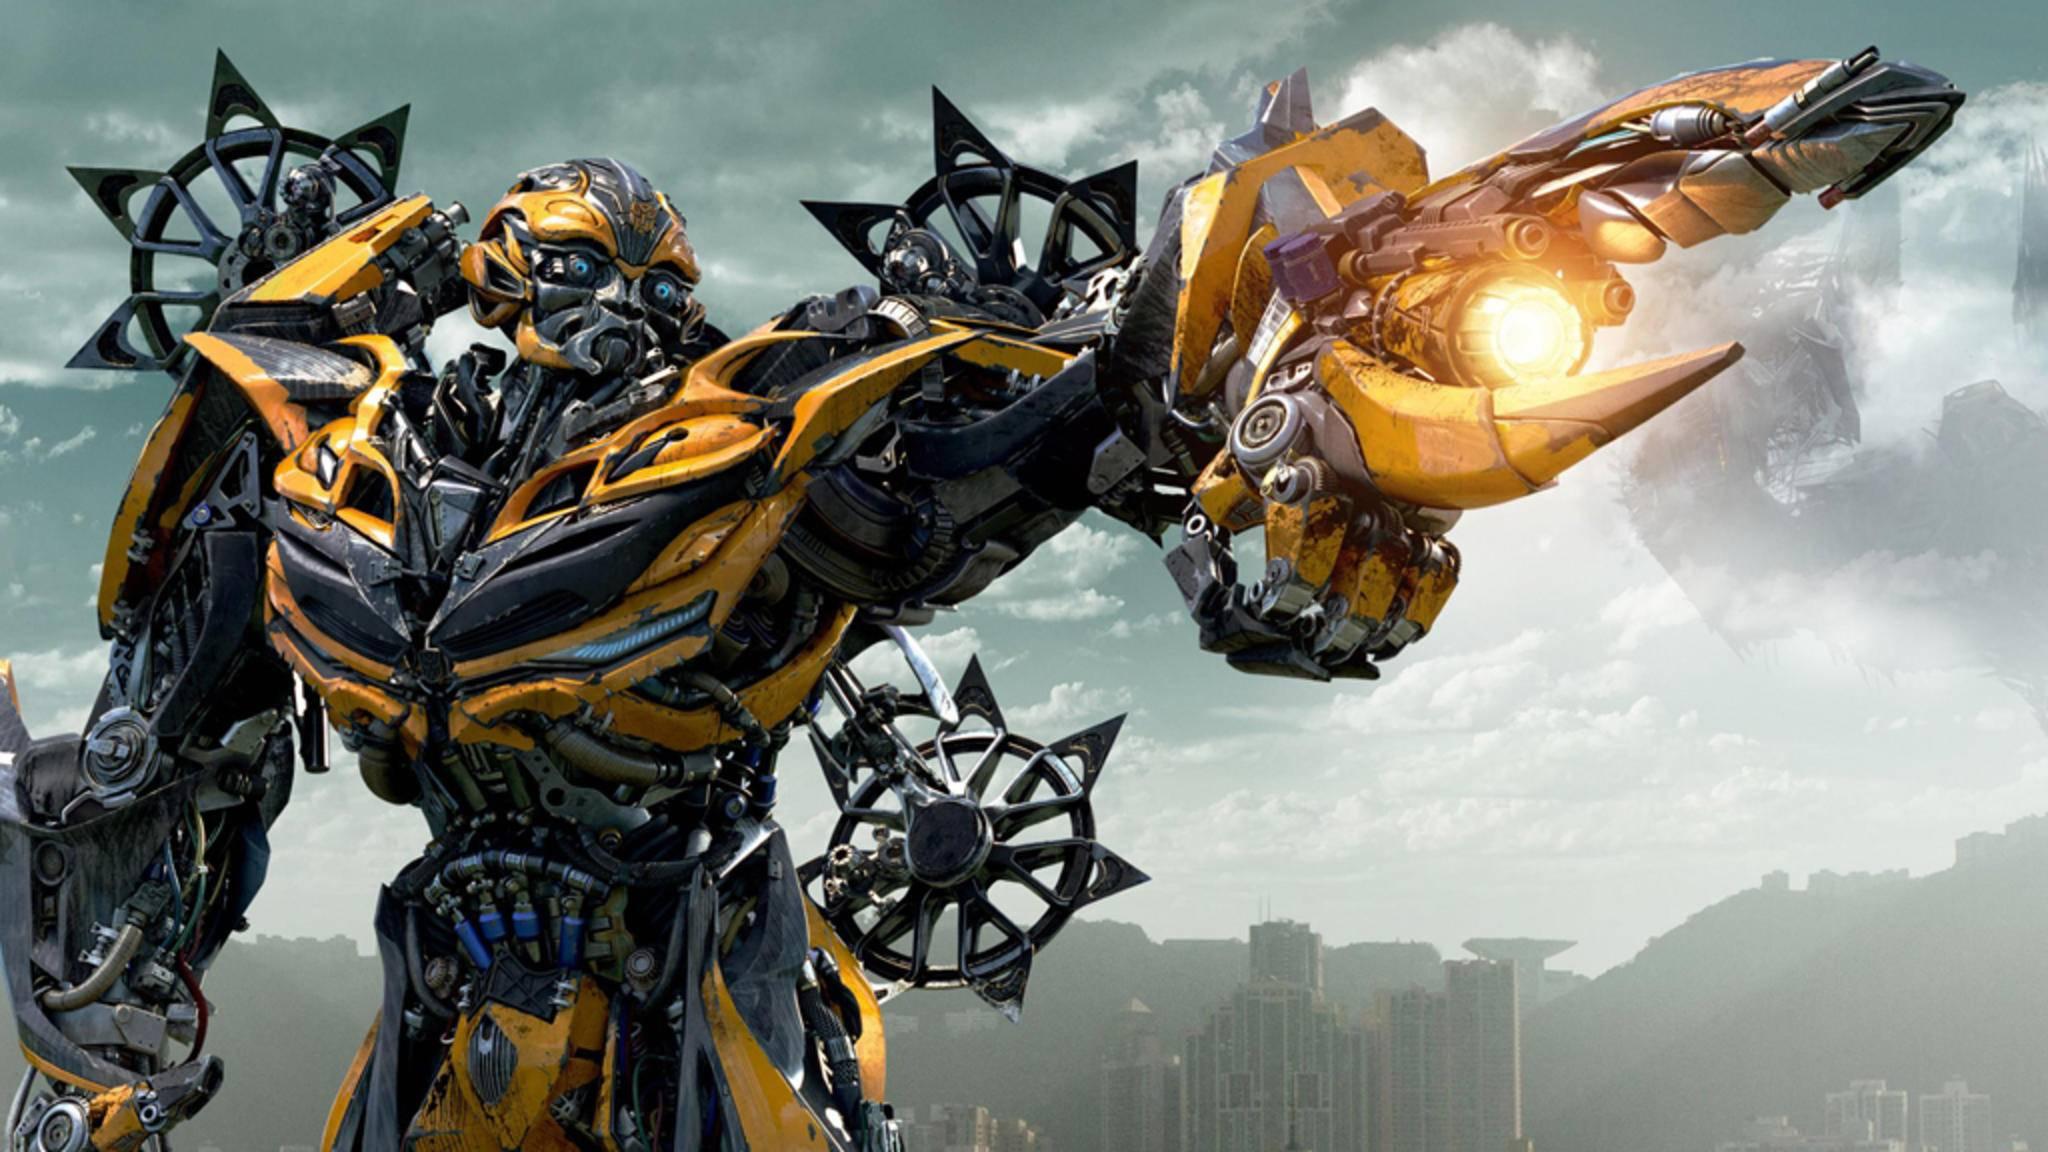 """Während die Kritiker mit den """"Transformers"""" von Beginn an nichts anfangen konnten, schlossen die Fans die Robo-Aliens direkt ins Herz."""